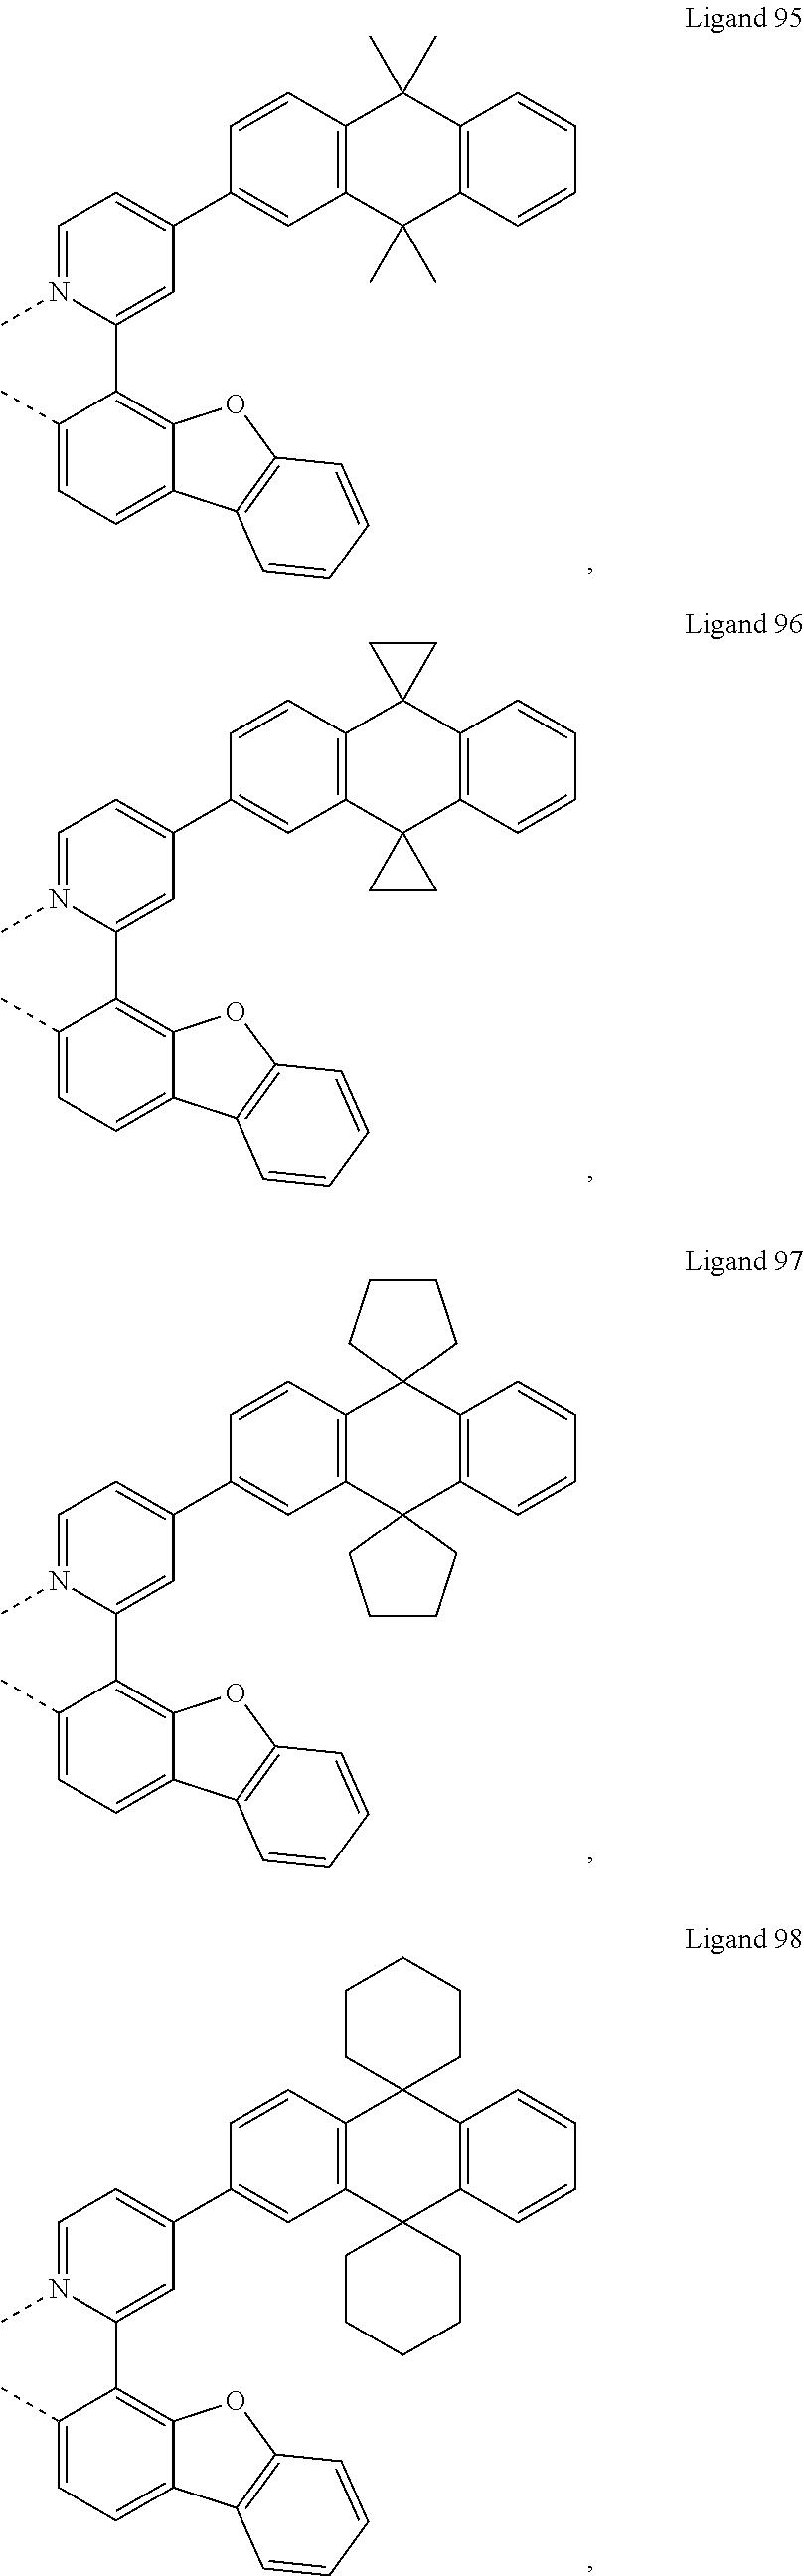 Figure US20180130962A1-20180510-C00250